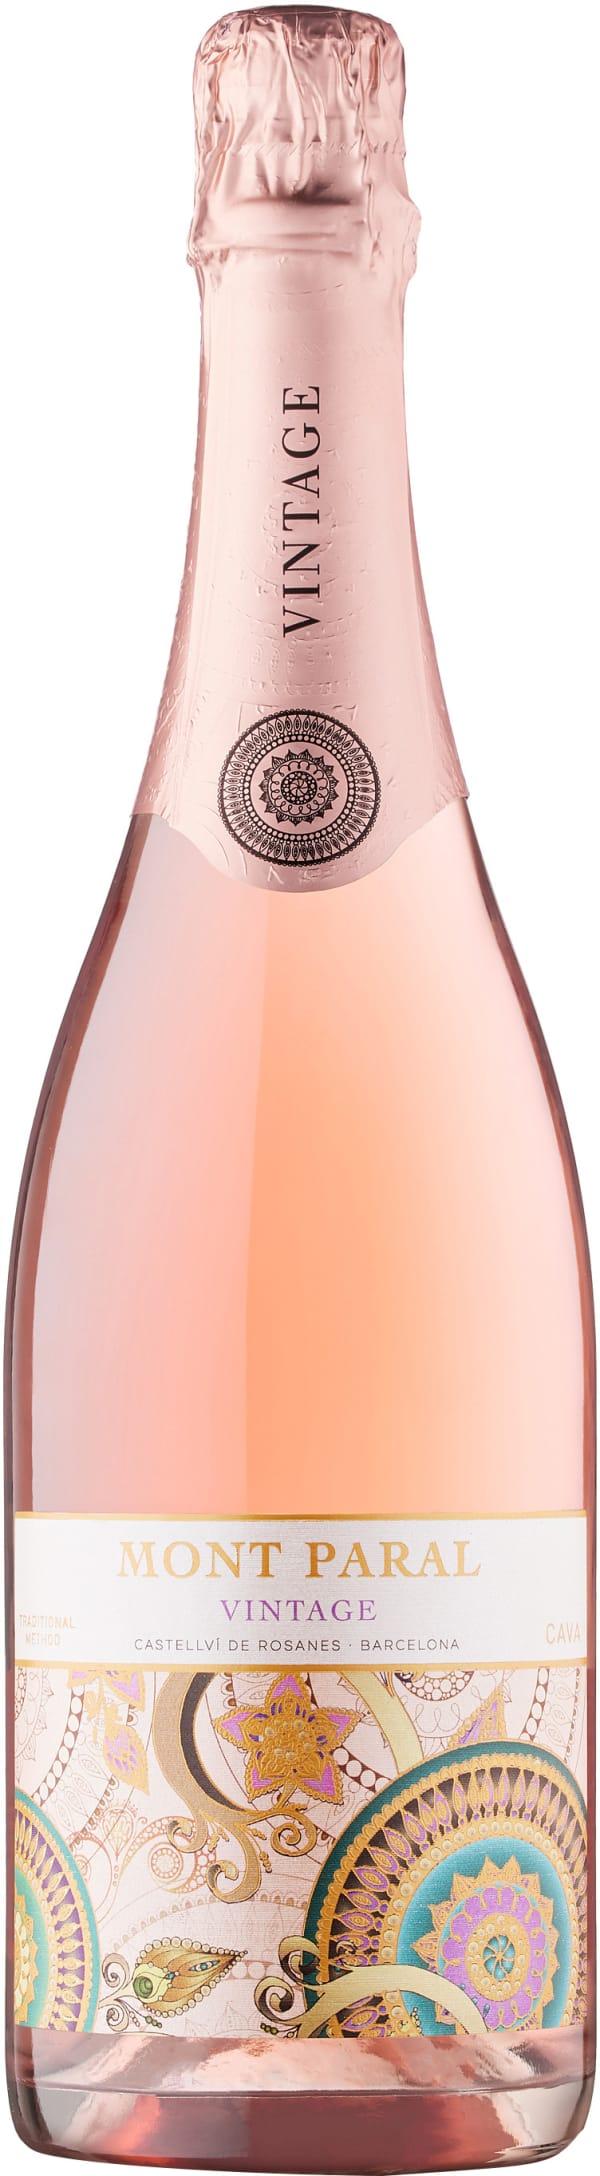 Mont Paral Vintage Rosé Cava Brut 2016